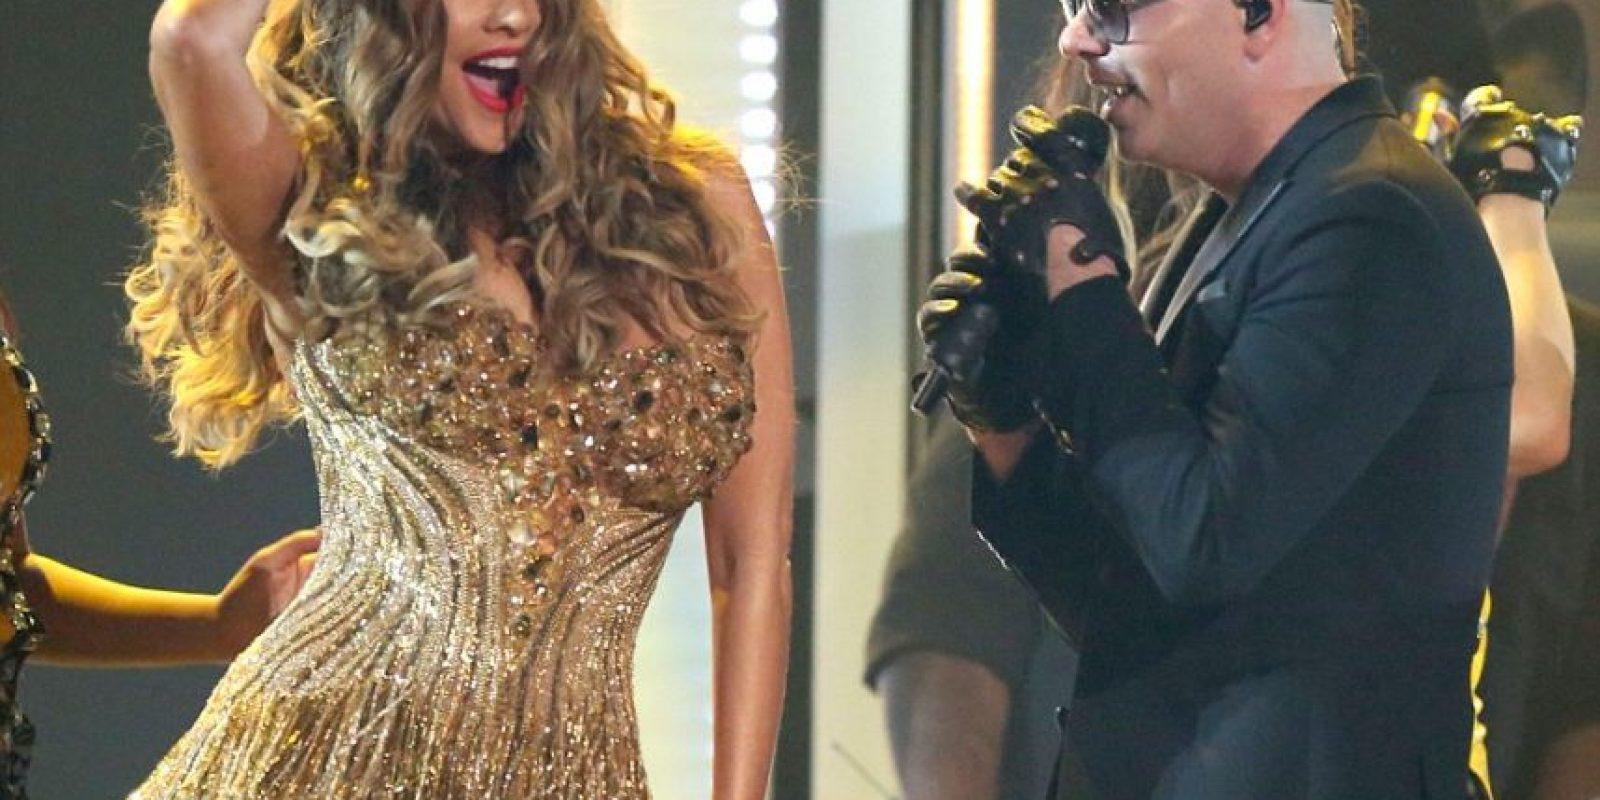 """La colombiana Sofía Vergara sorprendió a todos bailando """"El Taxi"""" junto a Pitbull. Foto:Metro Internacional"""